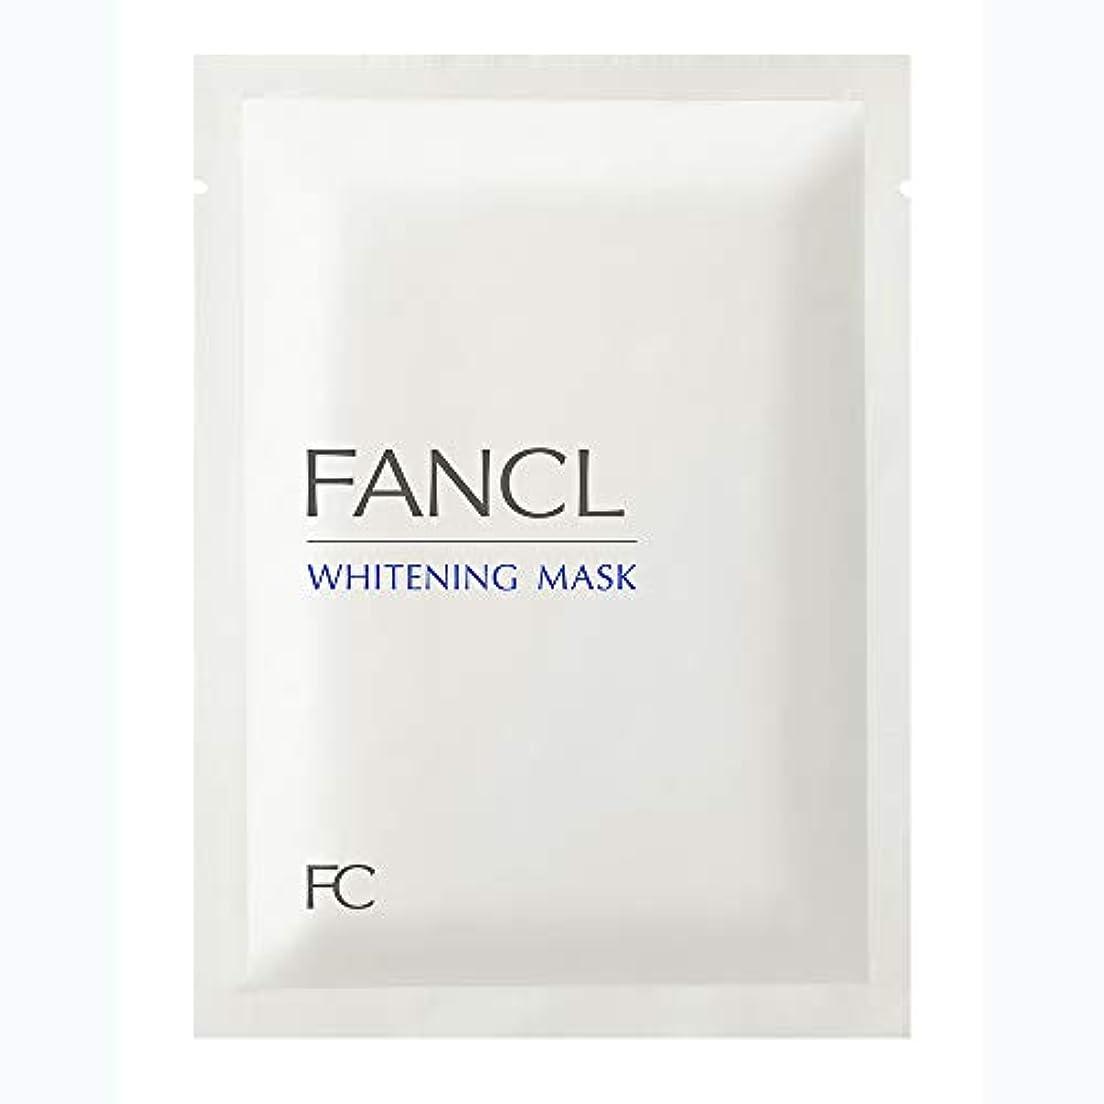 マイルストーン征服者光の新ファンケル(FANCL) ホワイトニング マスク<医薬部外品> 21mL×6枚